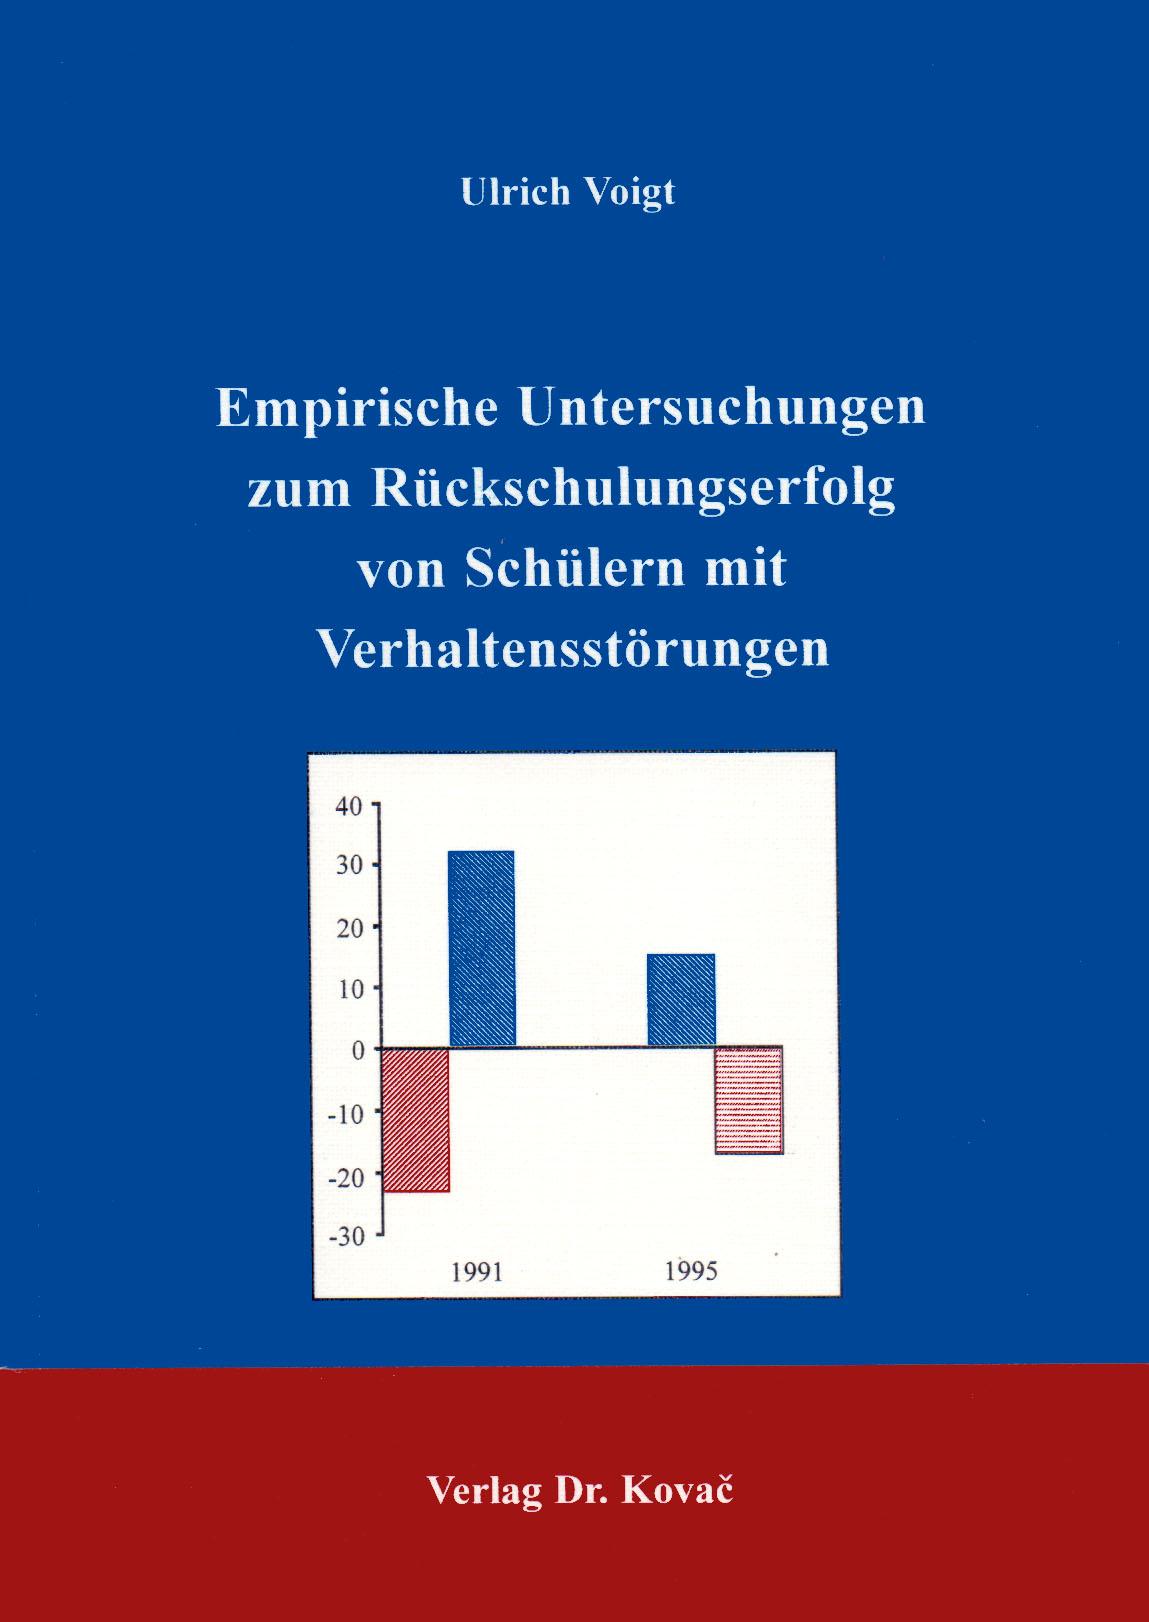 Cover: Empirische Untersuchungen zum Rückschulungserfolg von Schülern mit Verhaltensstörungen